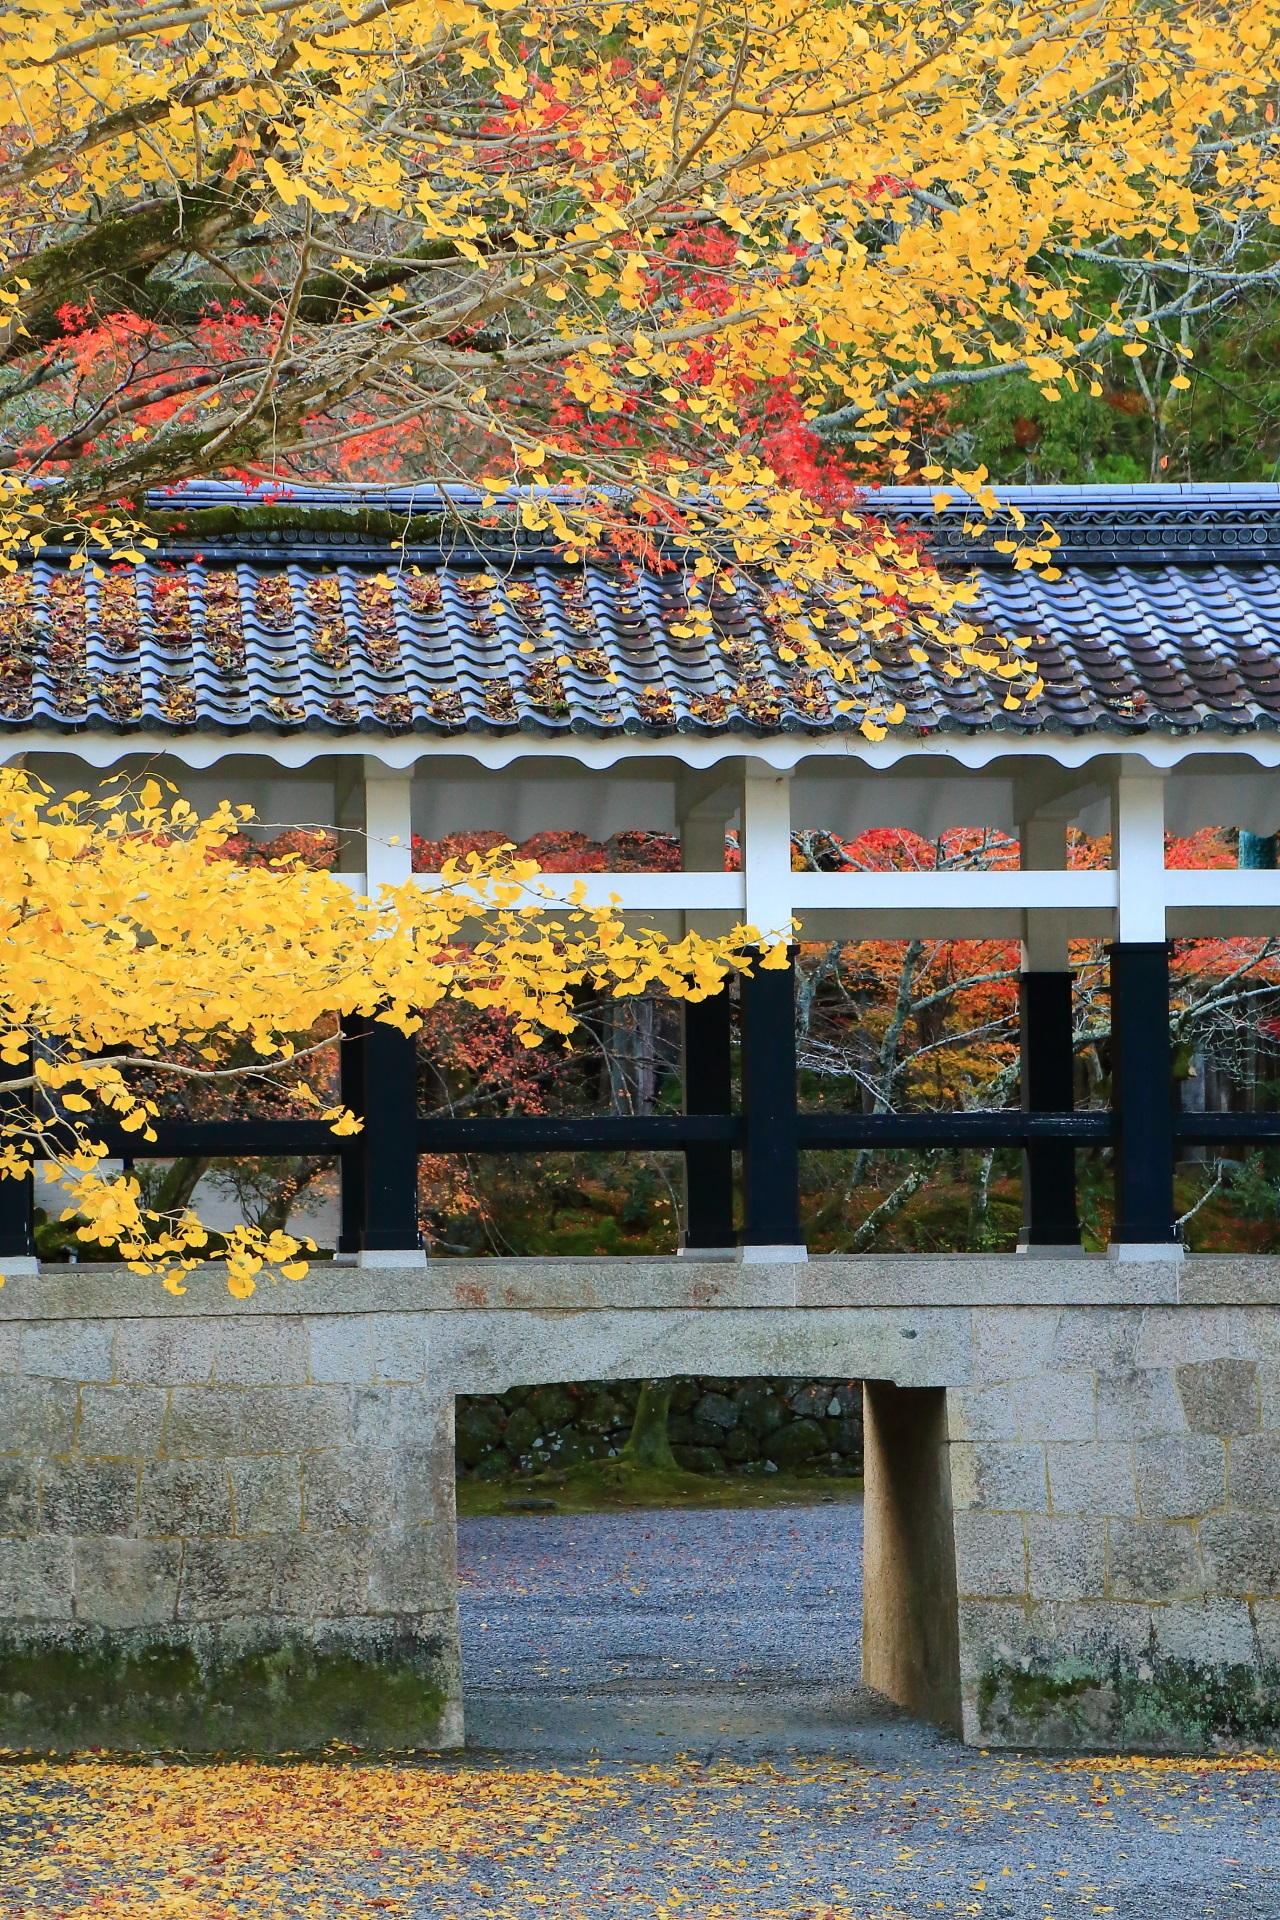 南禅寺の回廊を染める華やかな黄色い銀杏